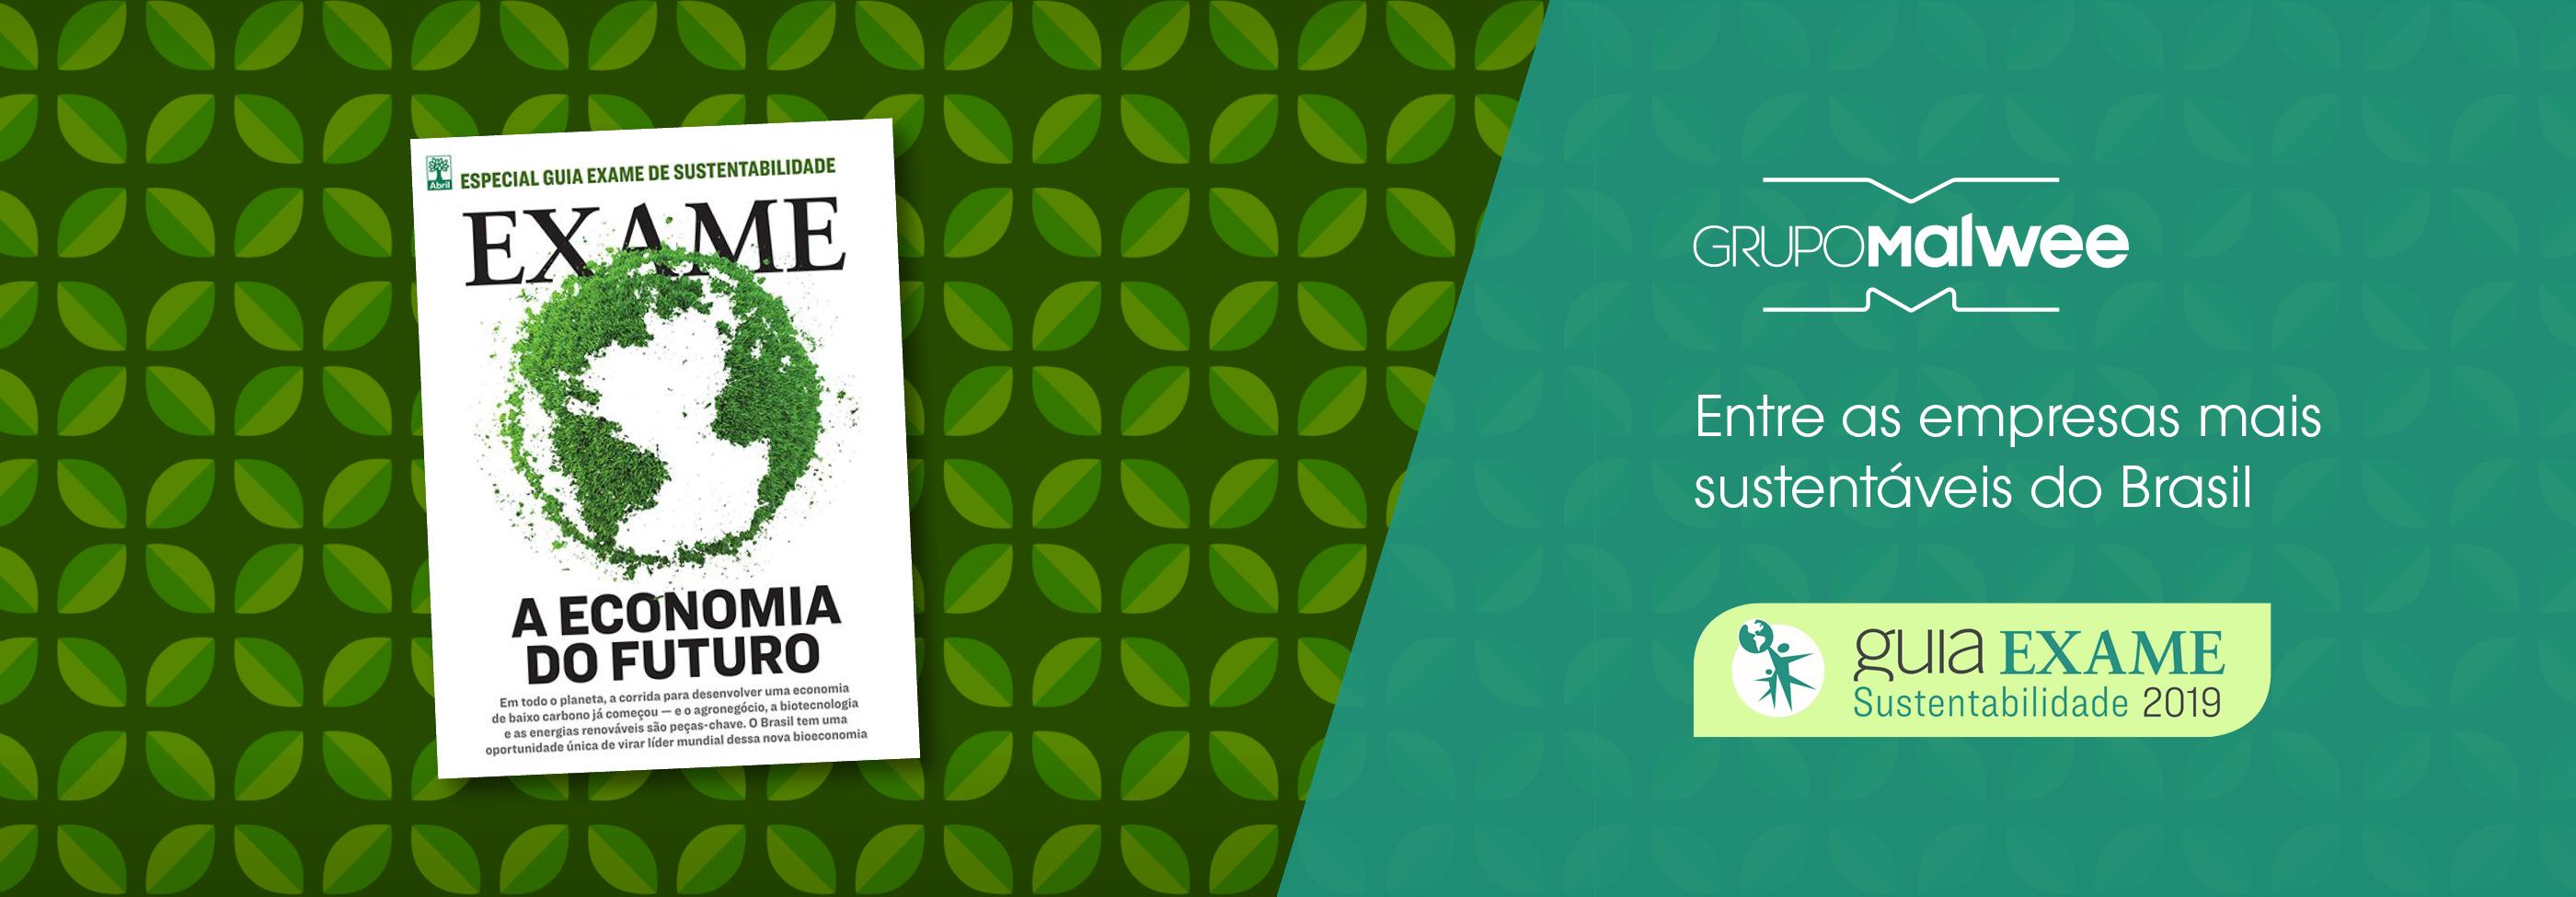 Grupo Malwee é reconhecido como uma das empresas mais sustentáveis do Brasil